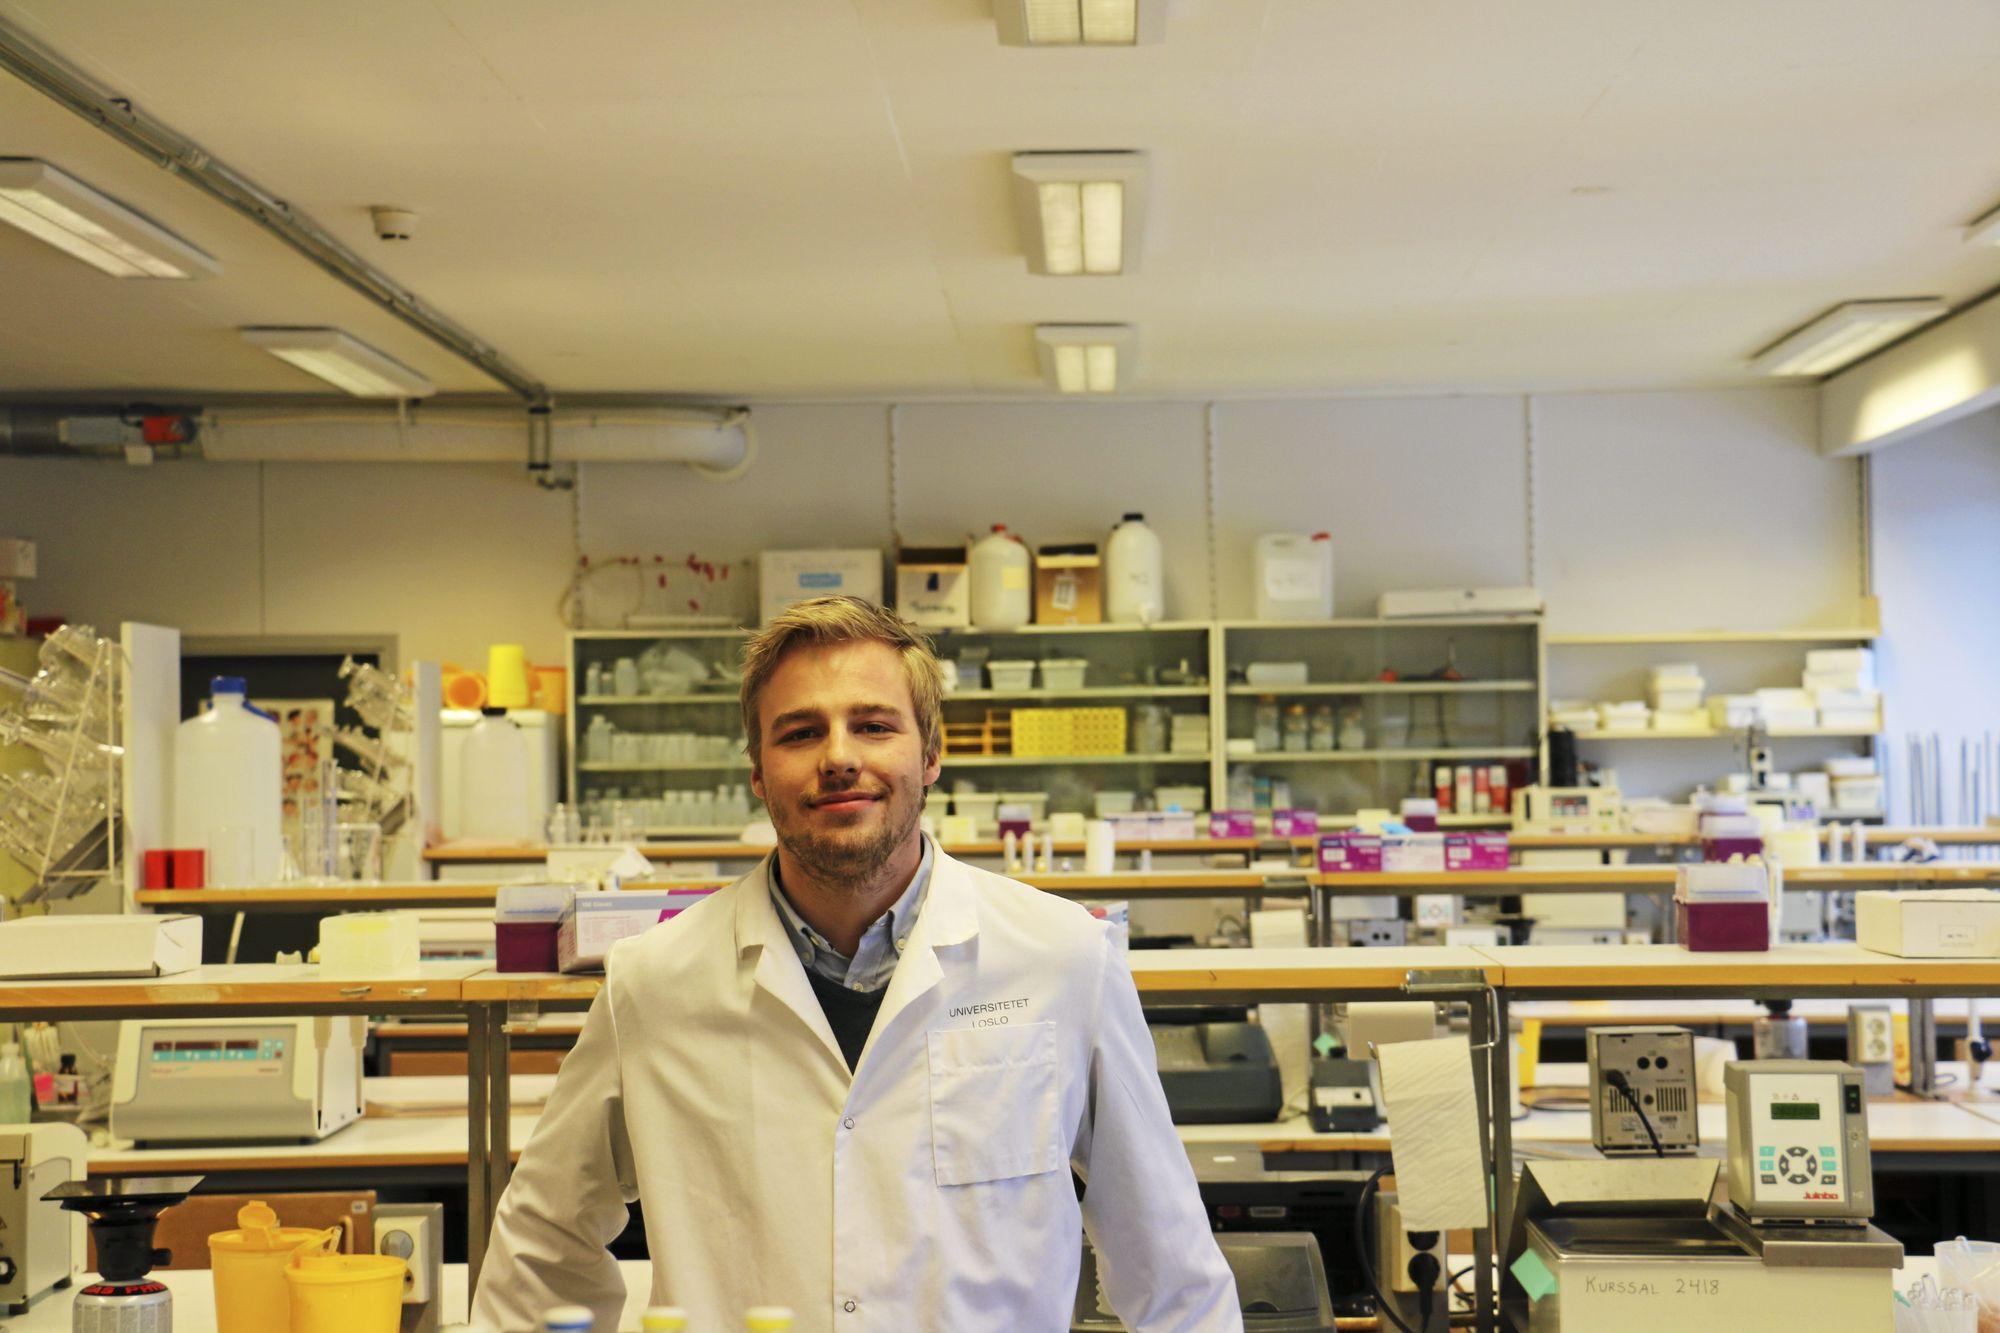 OPPTATT AV NANOTEKNOLOGI: Hans Jakob Sivertsen Mollatt (24) studerer nanoteknologi på masternivå ved Universitetet i Oslo.